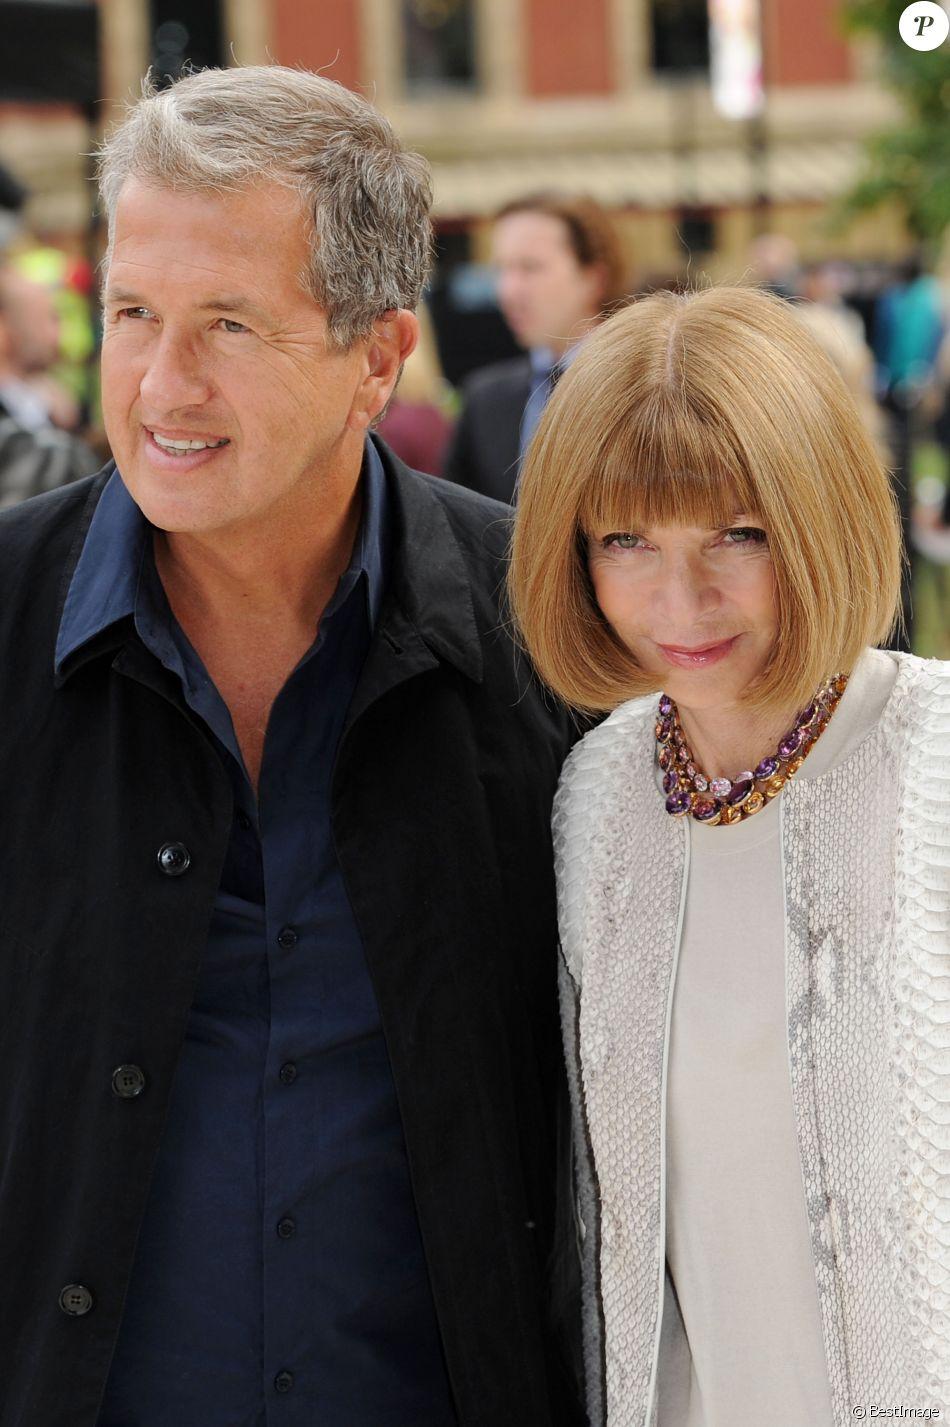 Anna Wintour et Mario Testino au défilé Burberry à Londres, le 17 septembre 2012.